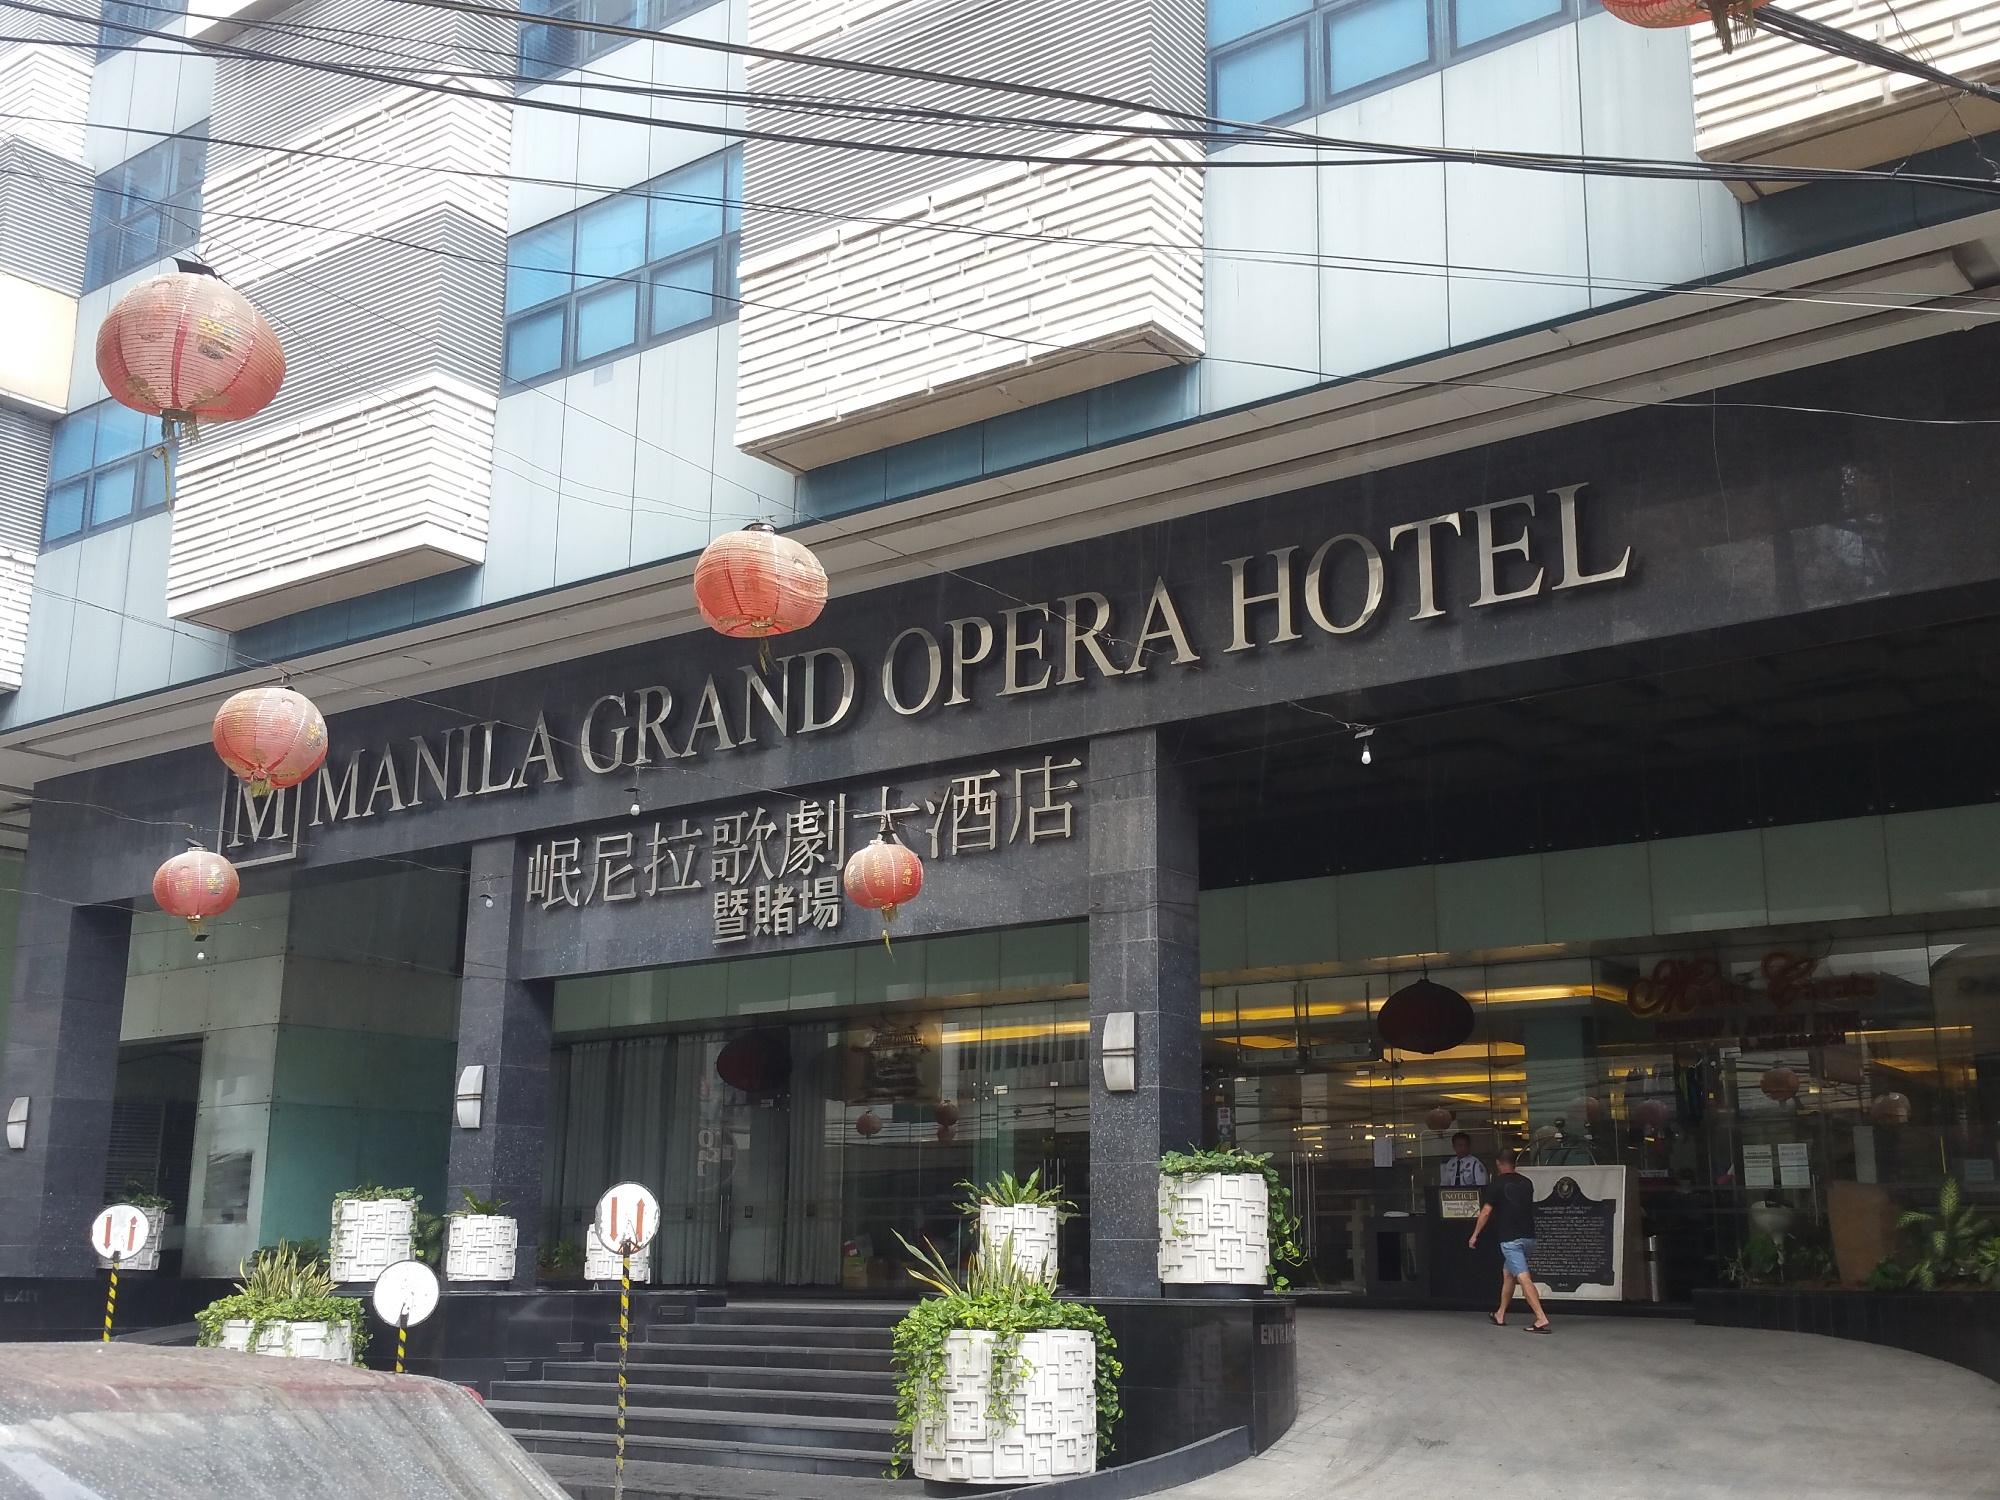 マニラグランドオペラホテル入り口